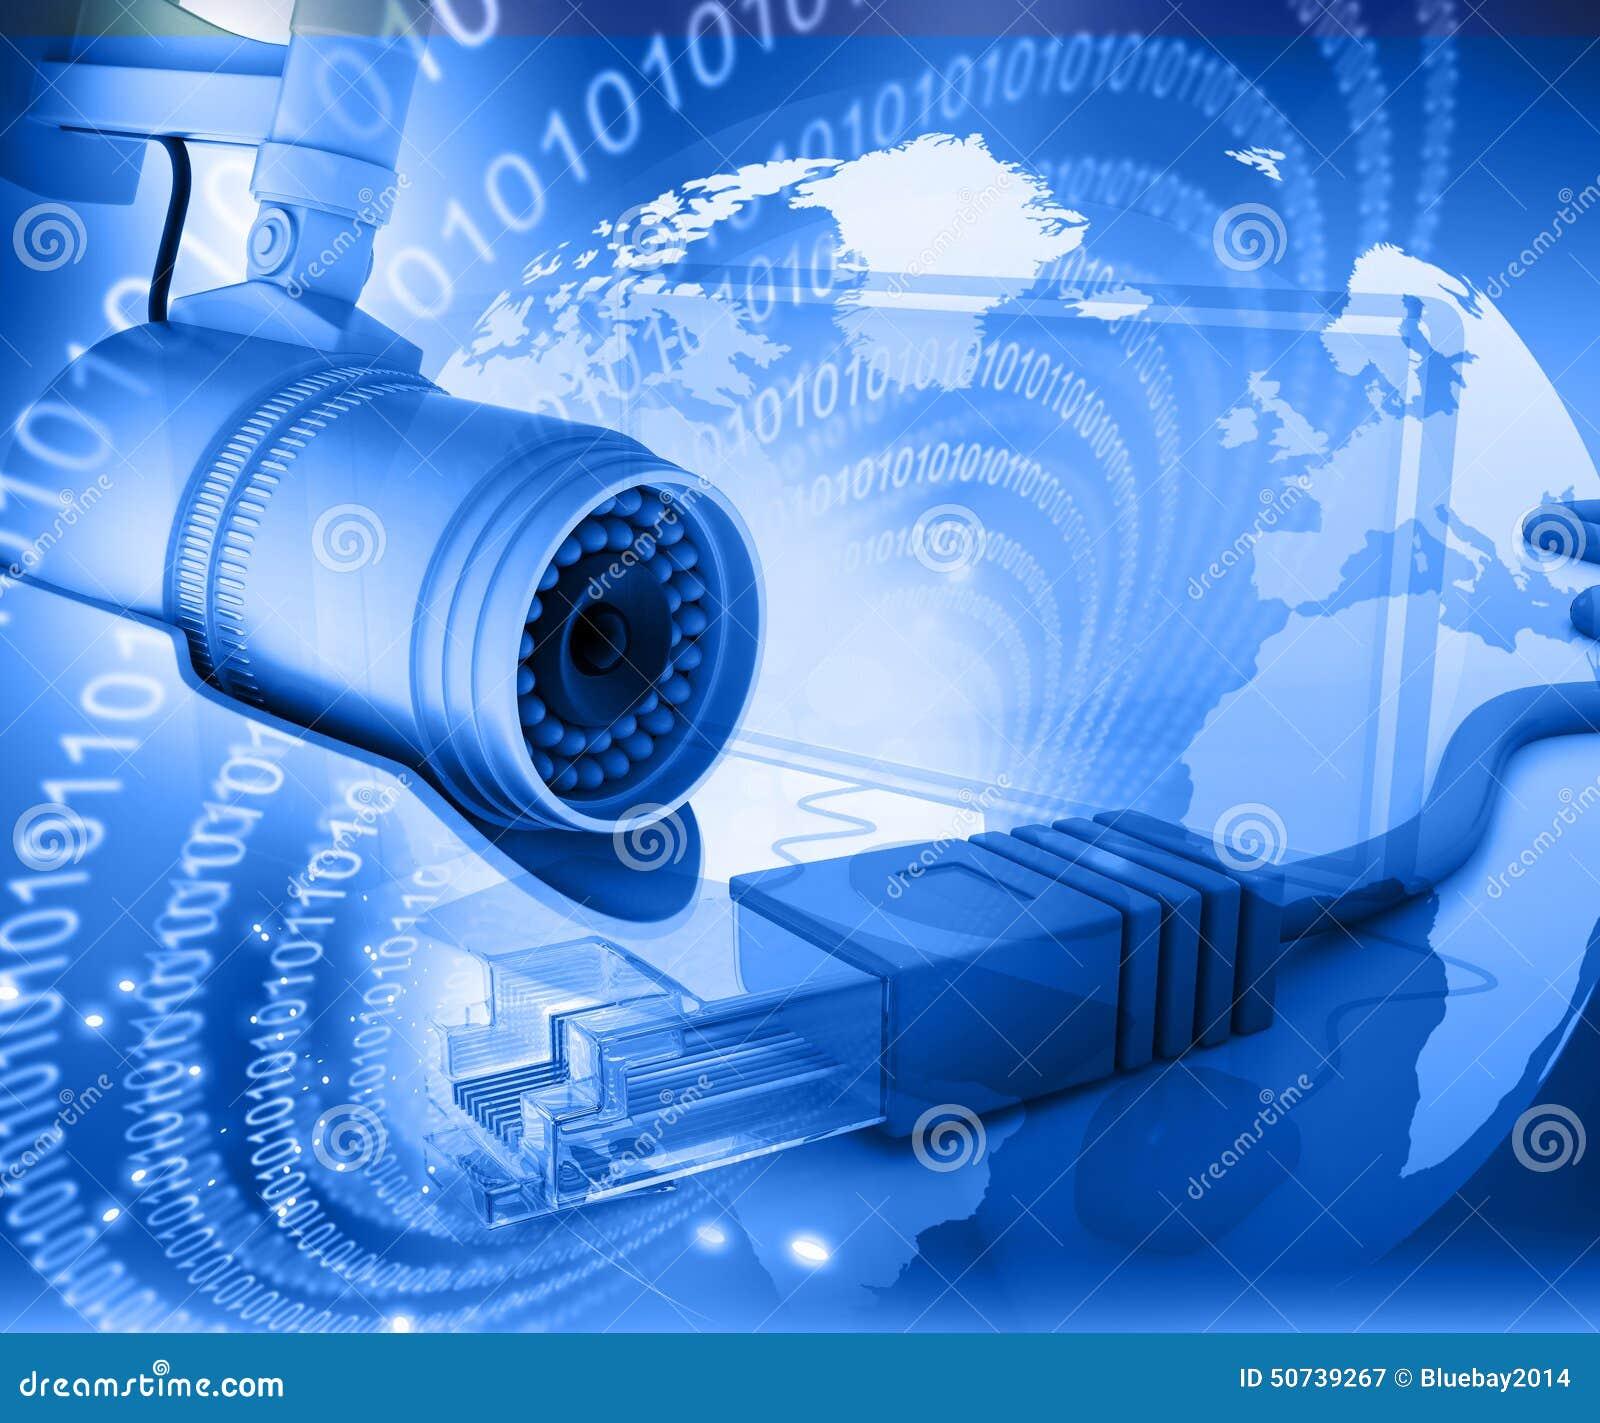 C mara de vigilancia con el mundo digital imagen de - Video camaras vigilancia ...